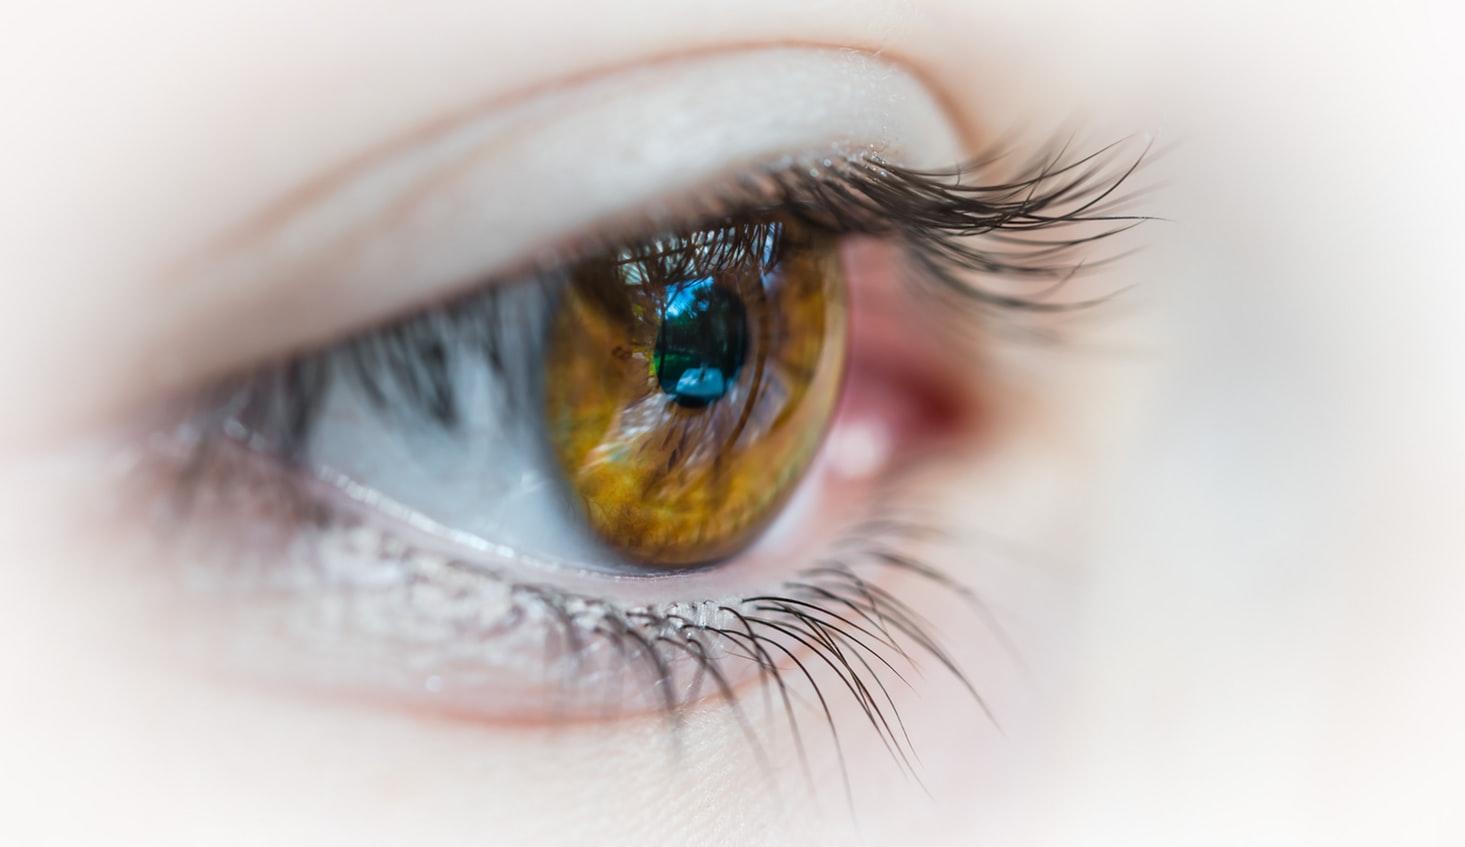 弱视训练仪多少钱一台 | 弱视仪器多少钱一台 | 治疗弱视仪器多少钱 | 弱视治疗仪价格表